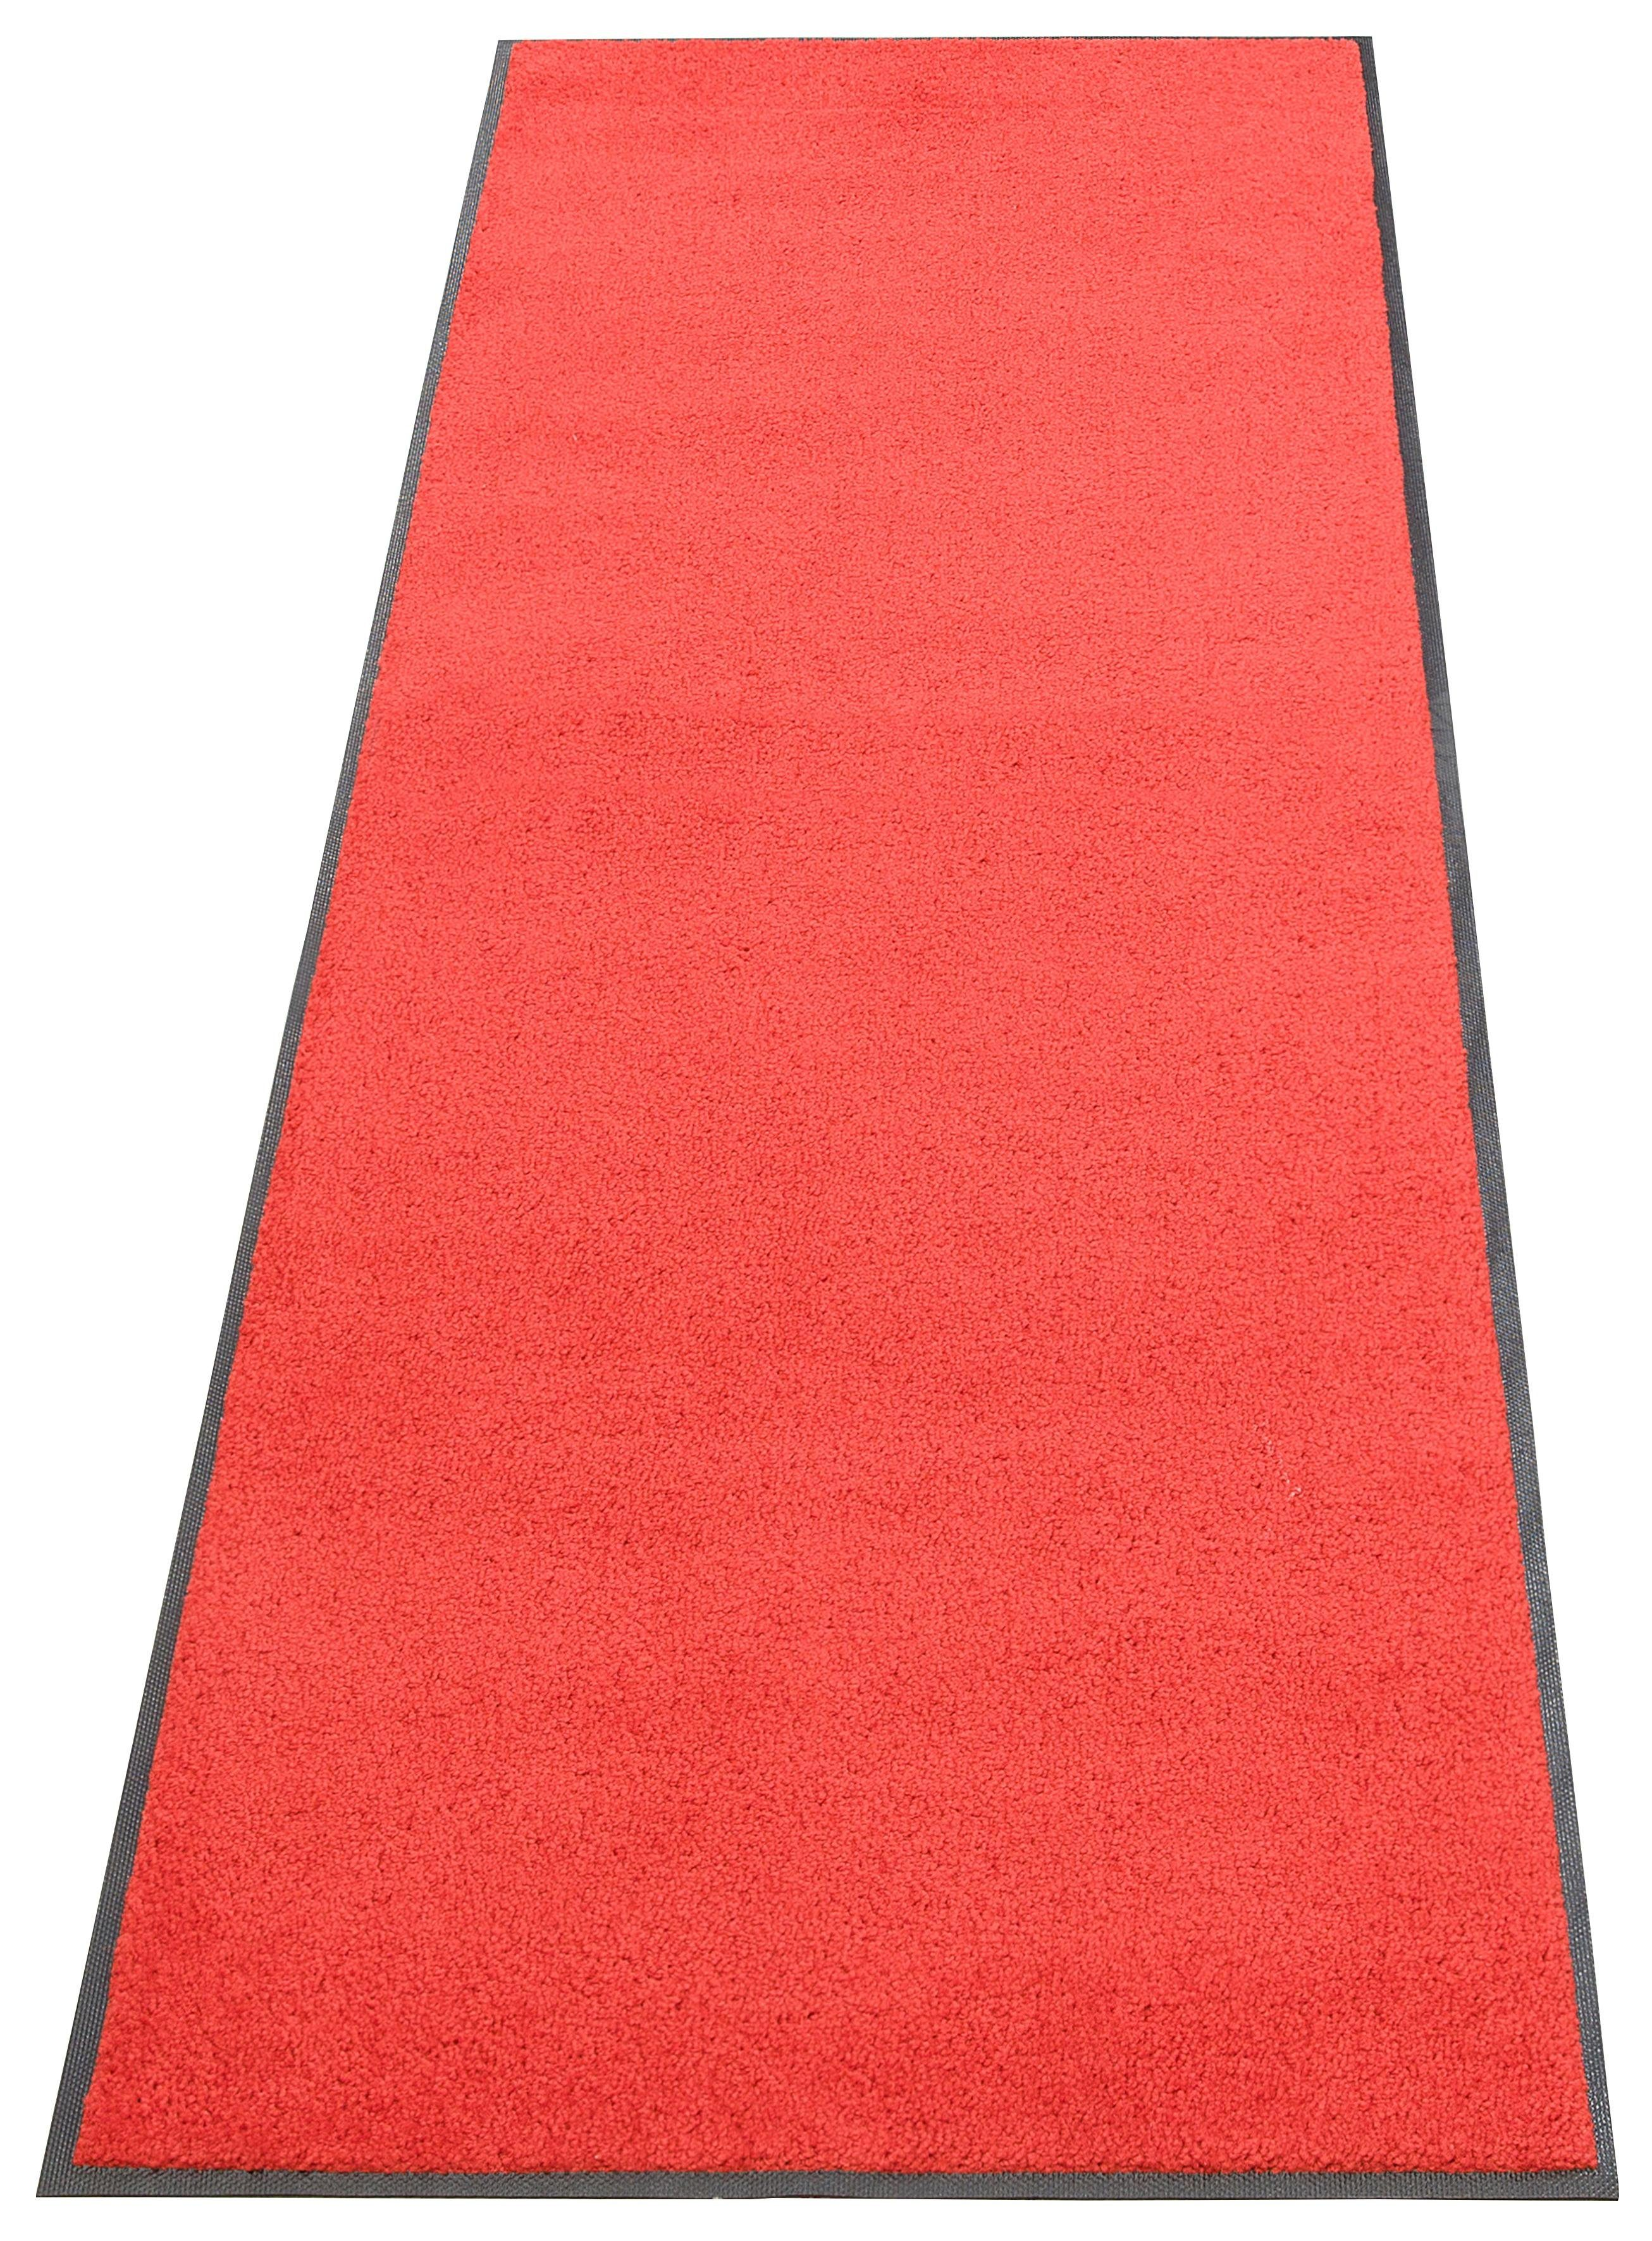 Küchenläufer Lavea DELAVITA rechteckig Höhe 9 mm gedruckt